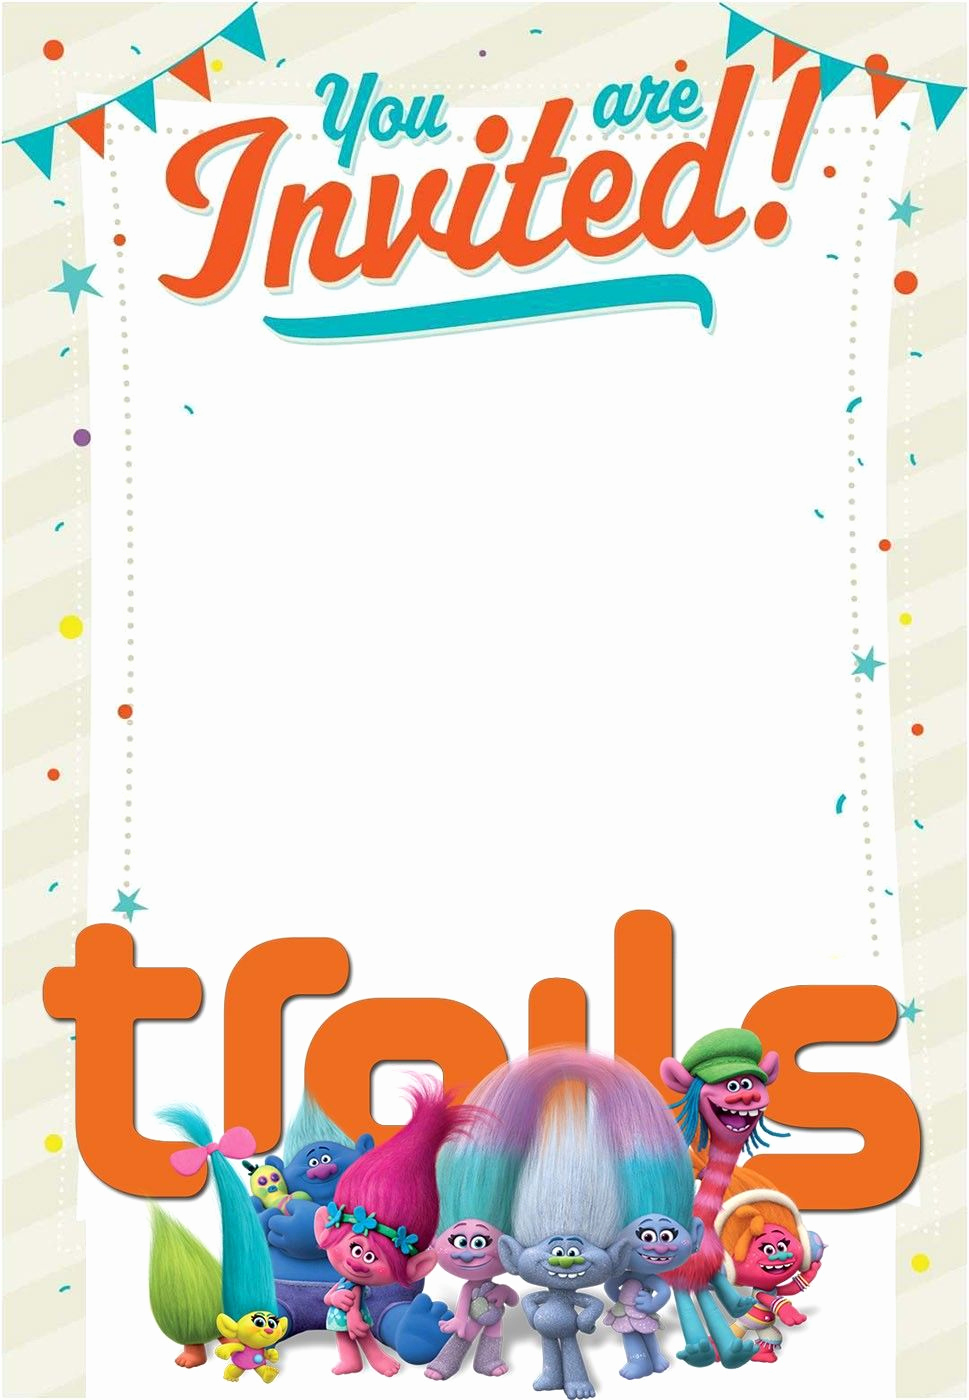 Free Trolls Invitation Template Unique Empty Trolls Invitation Card